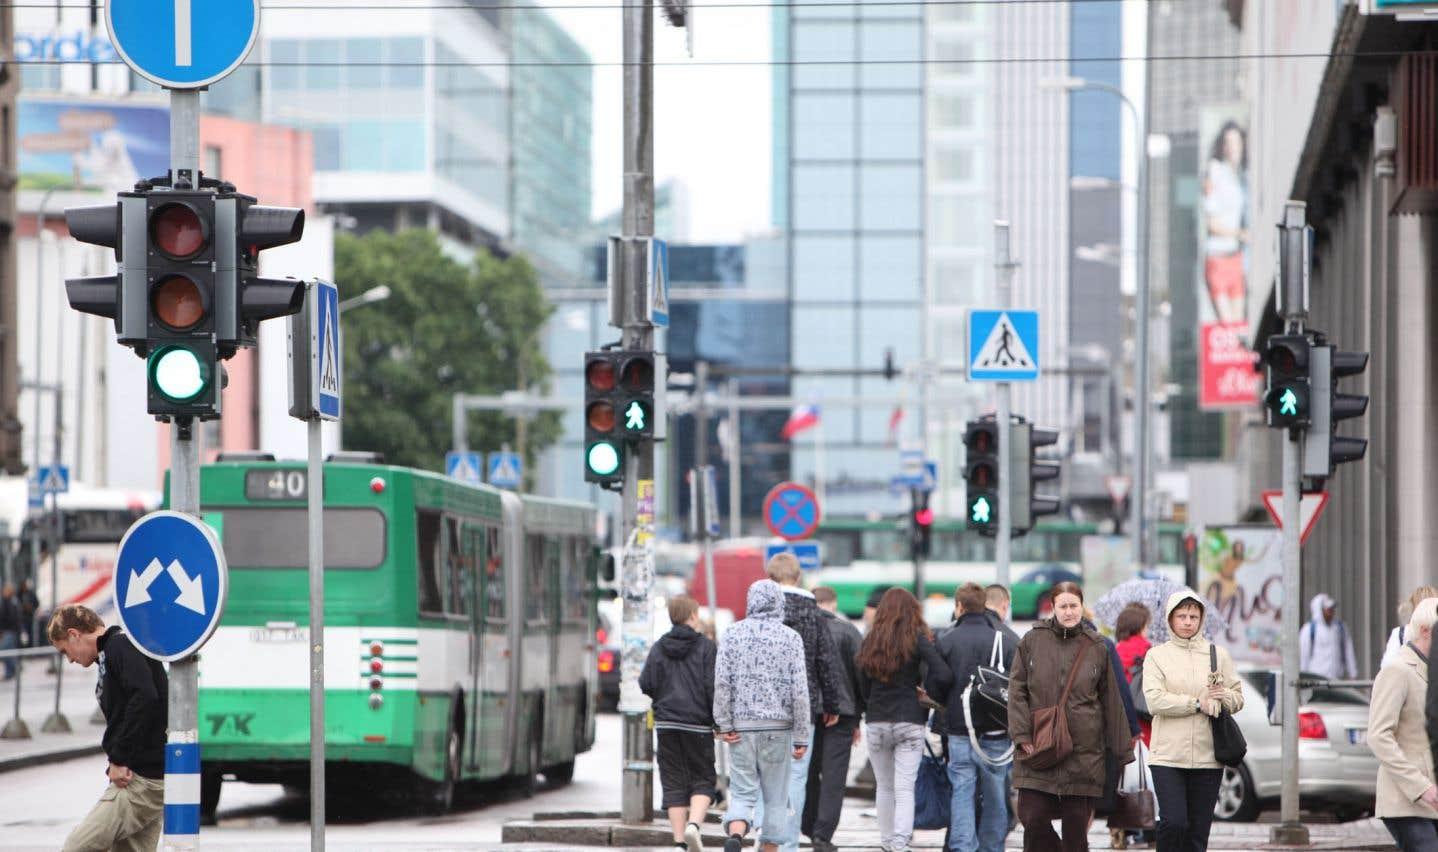 La gratuité du transport collectif, leurre ou bonne idée?